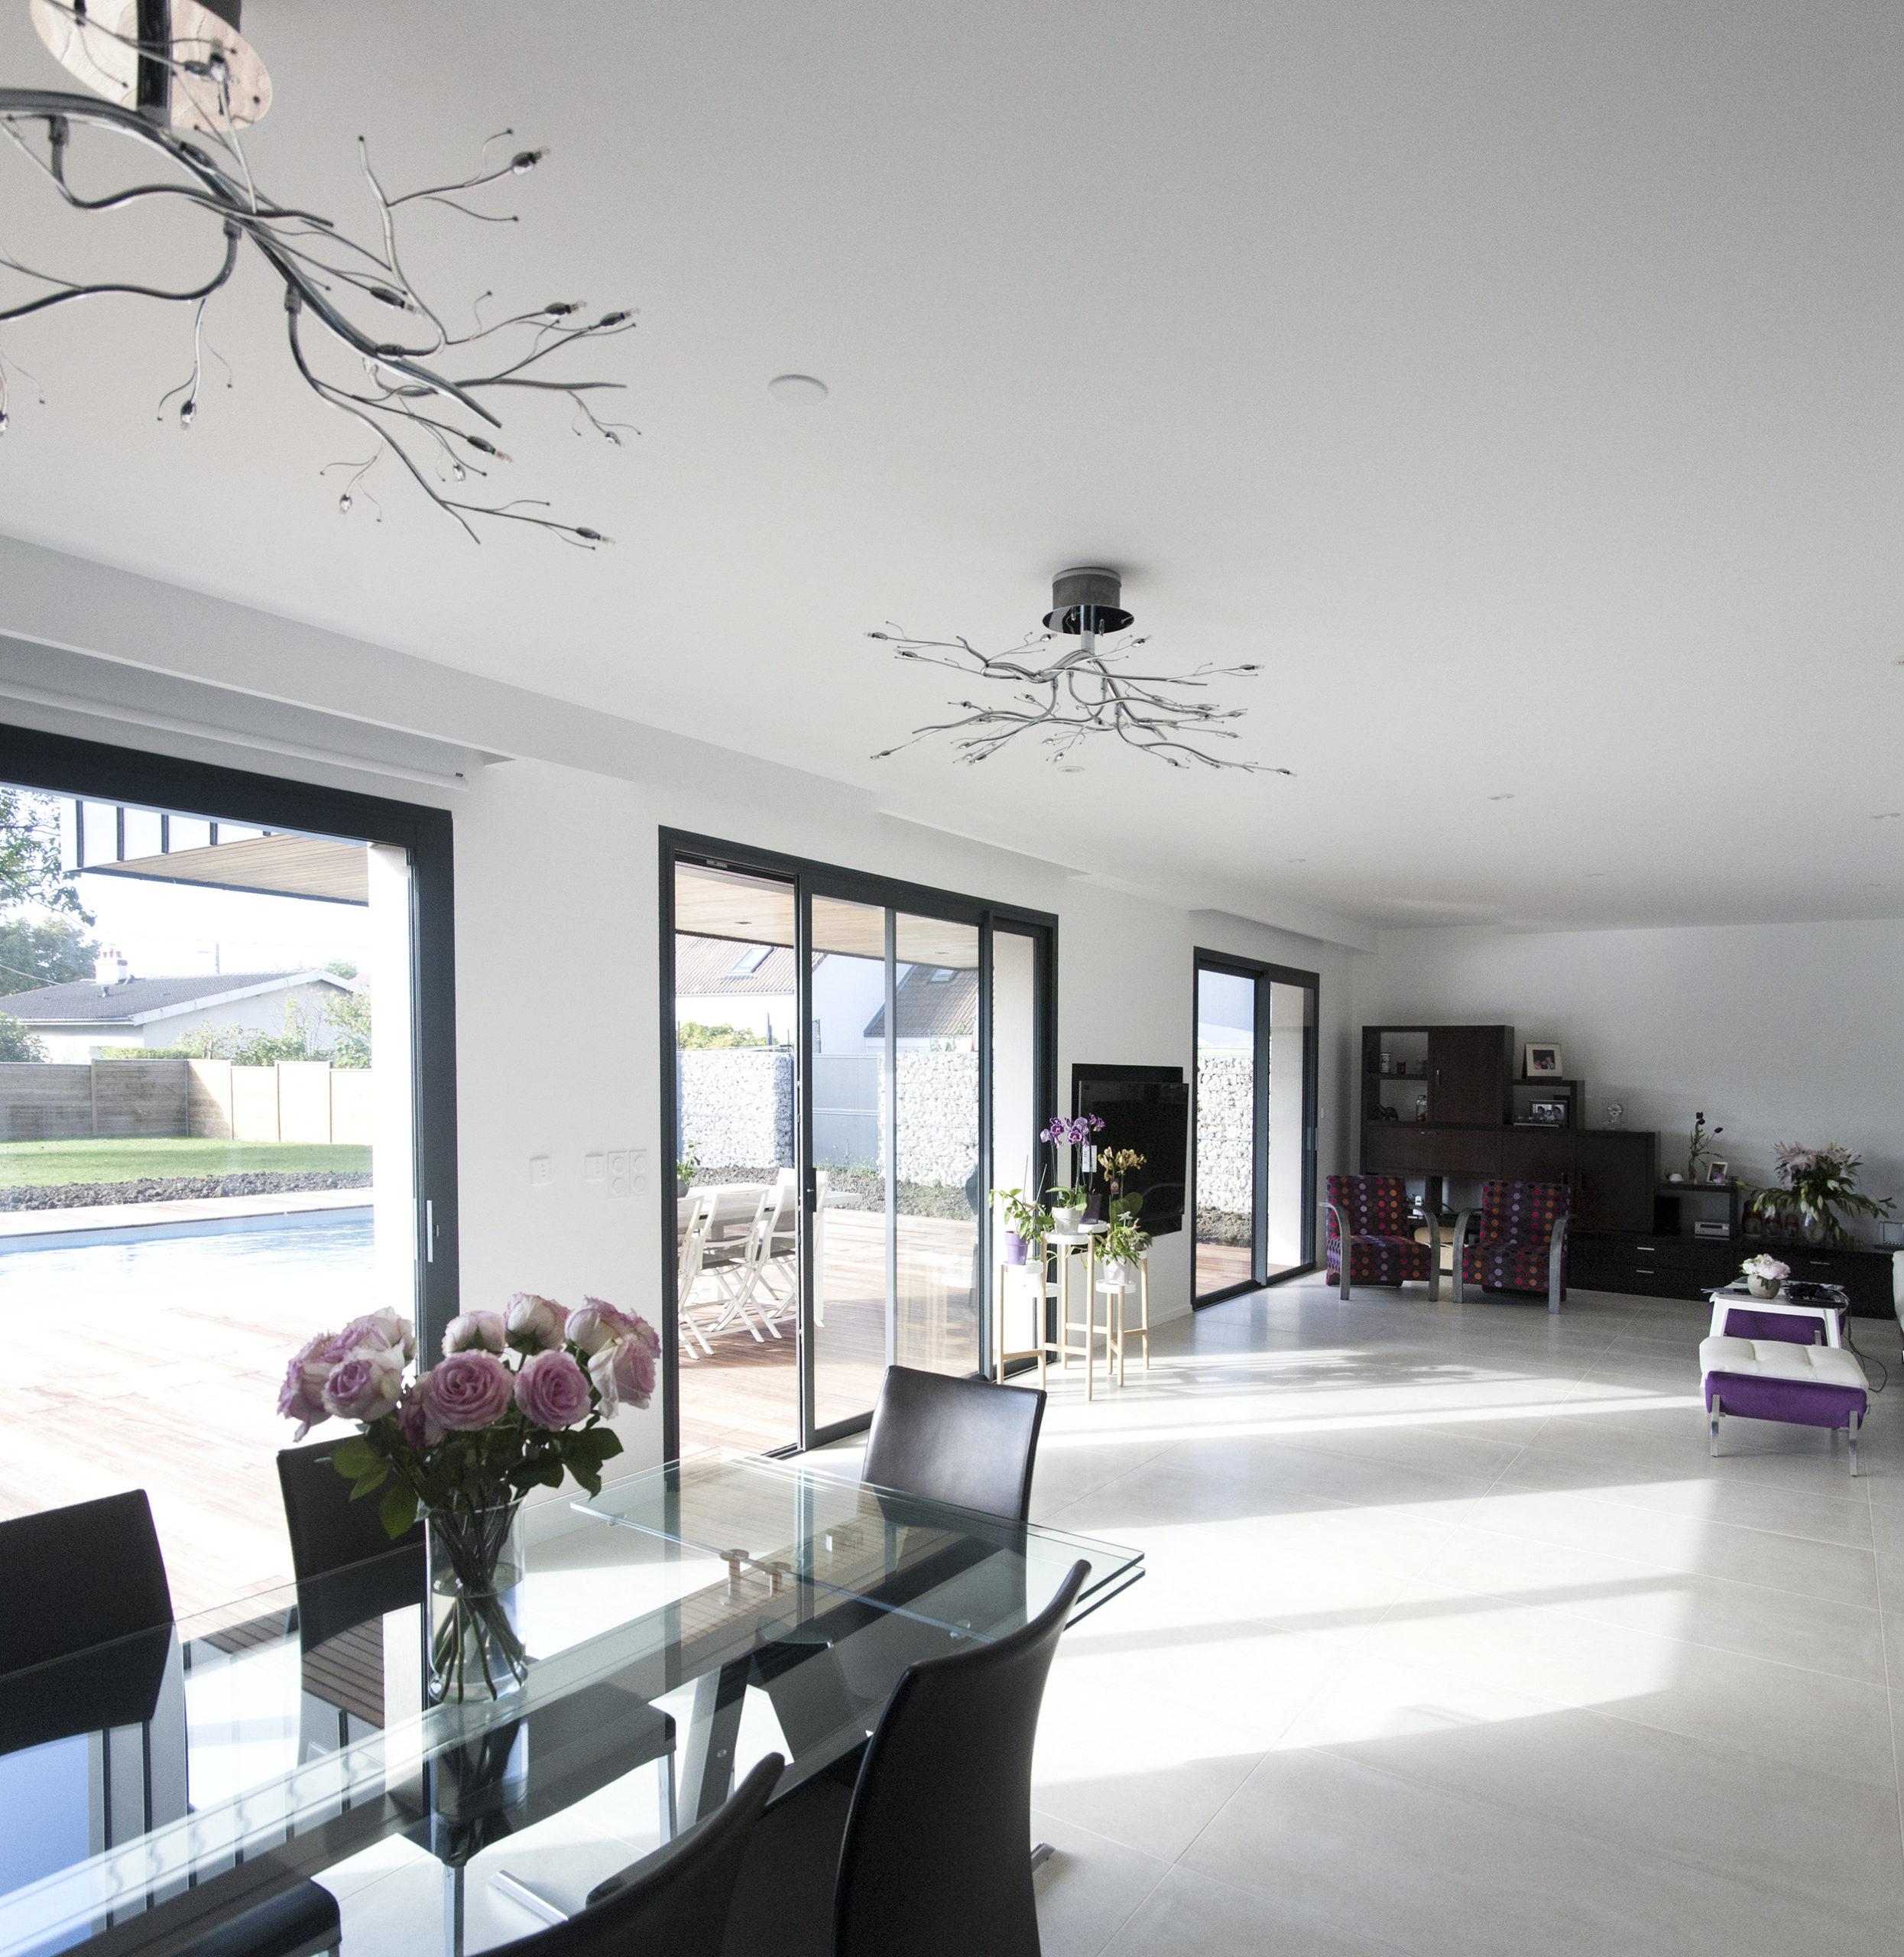 Chouette architecture - Villa Dijon - 2500 27